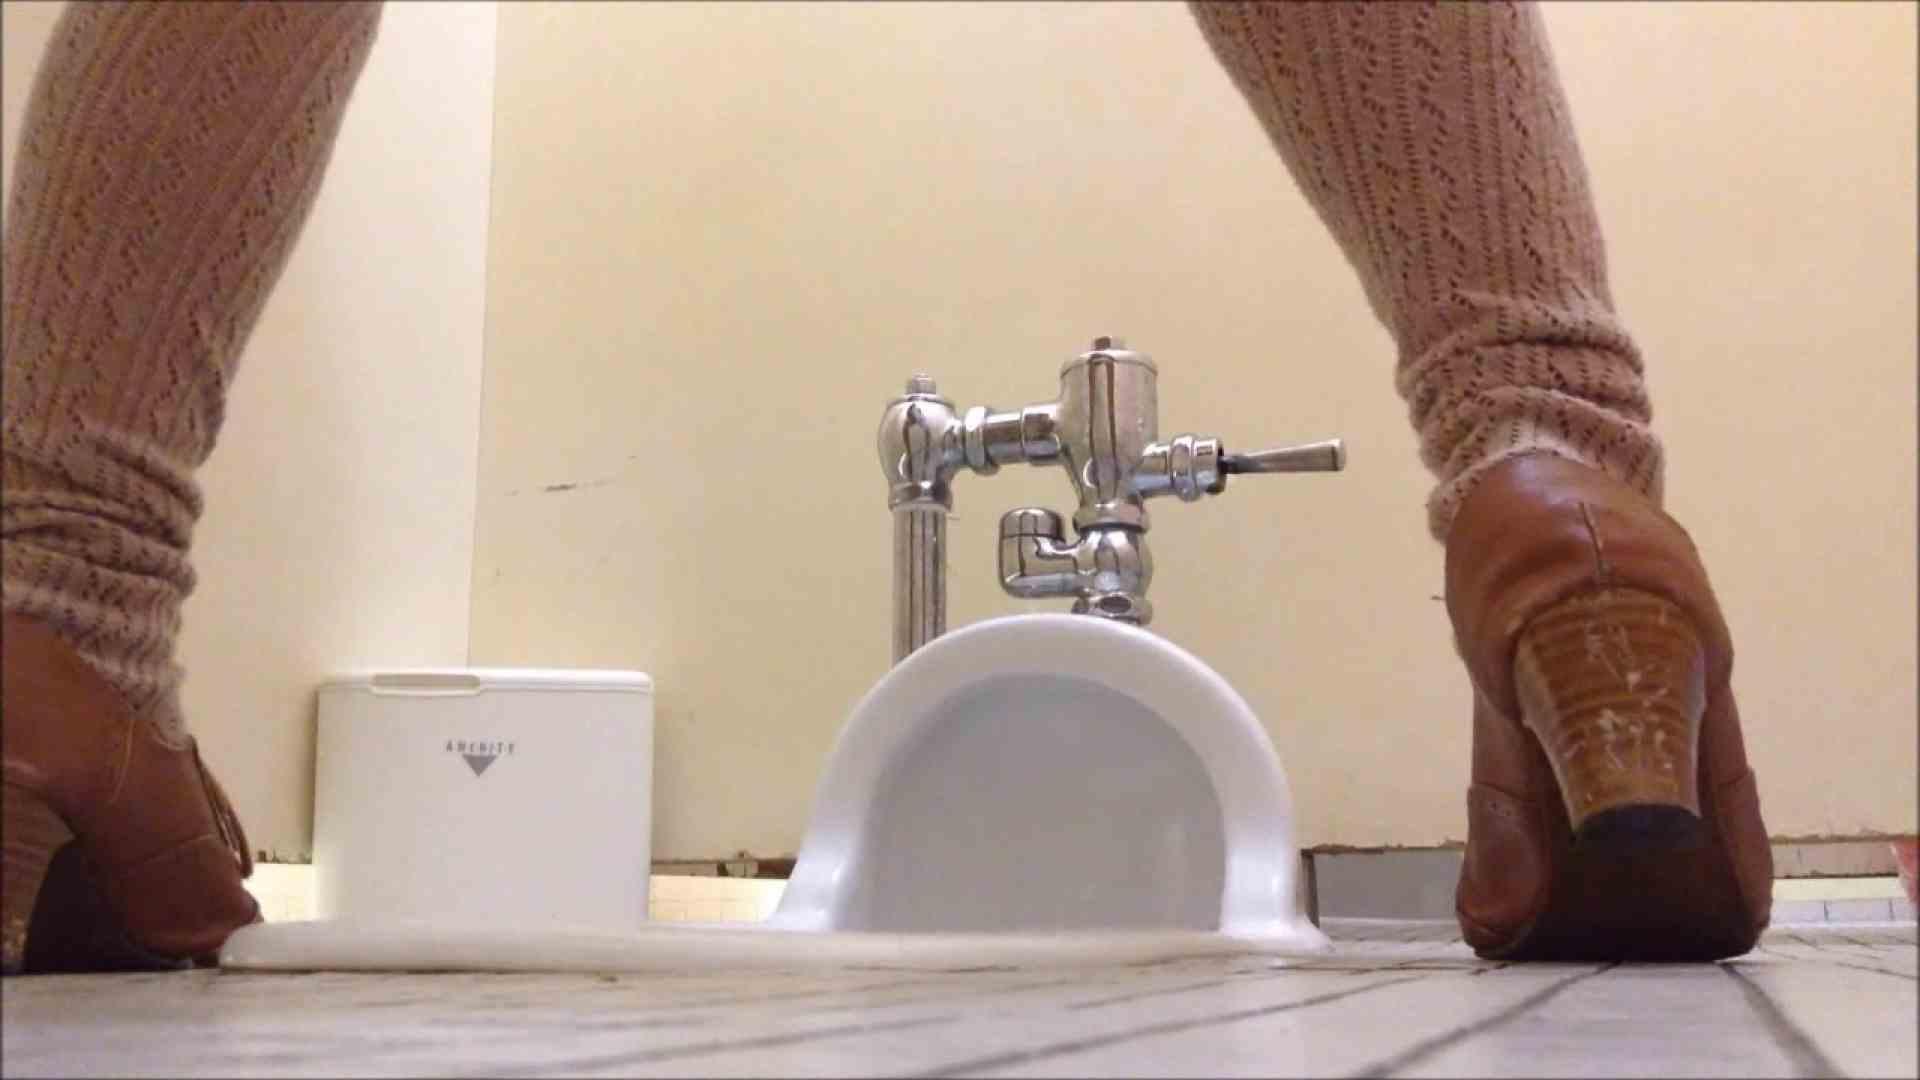 某有名大学女性洗面所 vol.02 和式で・・・ ぱこり動画紹介 83画像 52